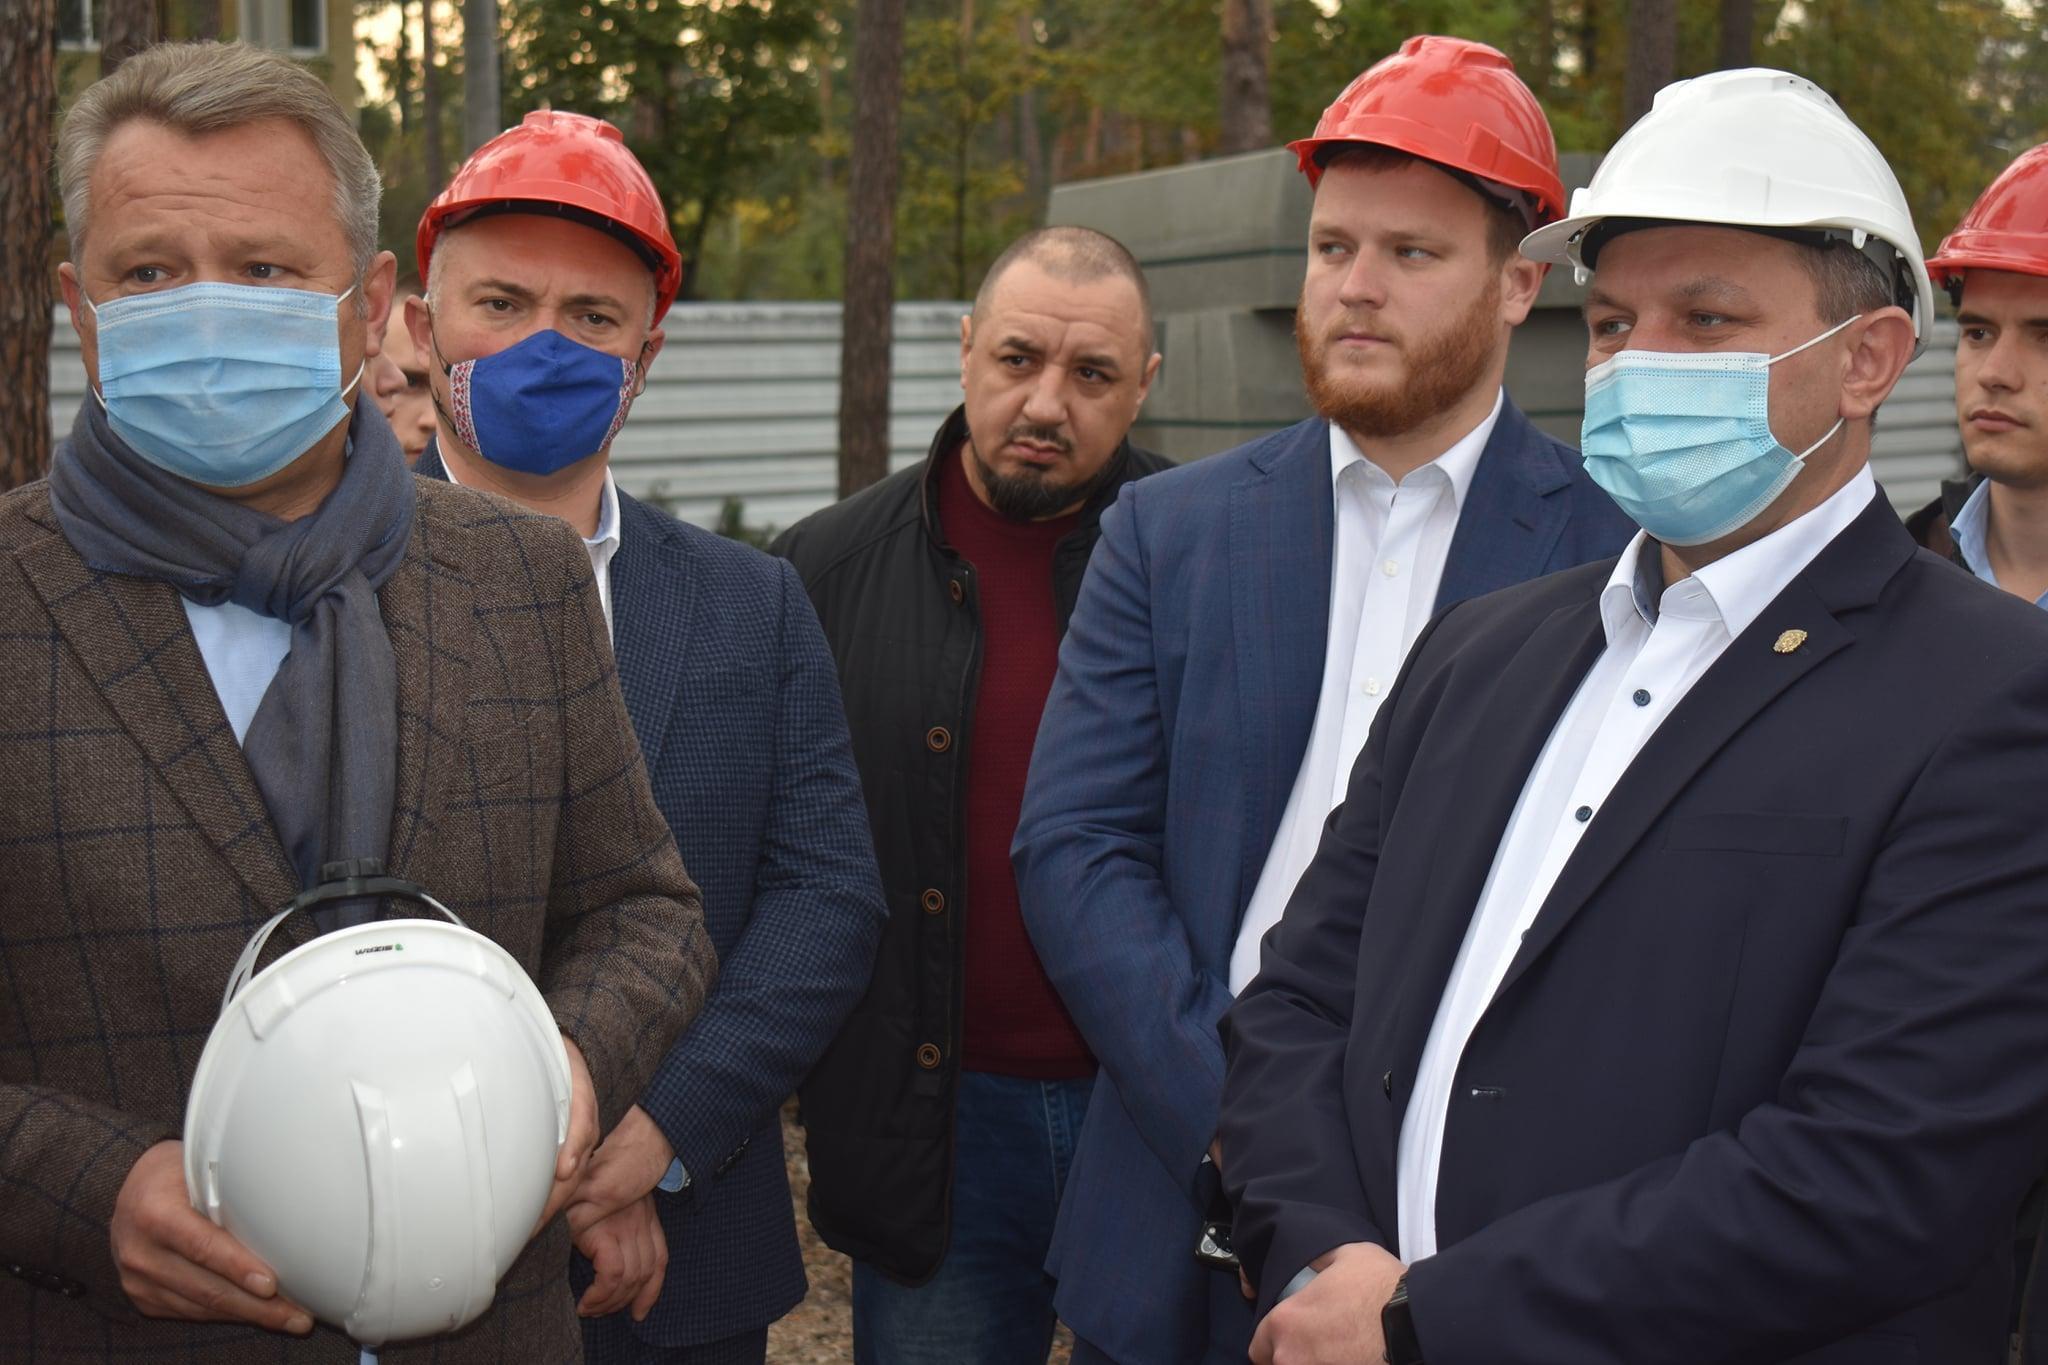 Інспекція Бучанської ОТГ за участю голови КОДА Василя Володіна. Фото